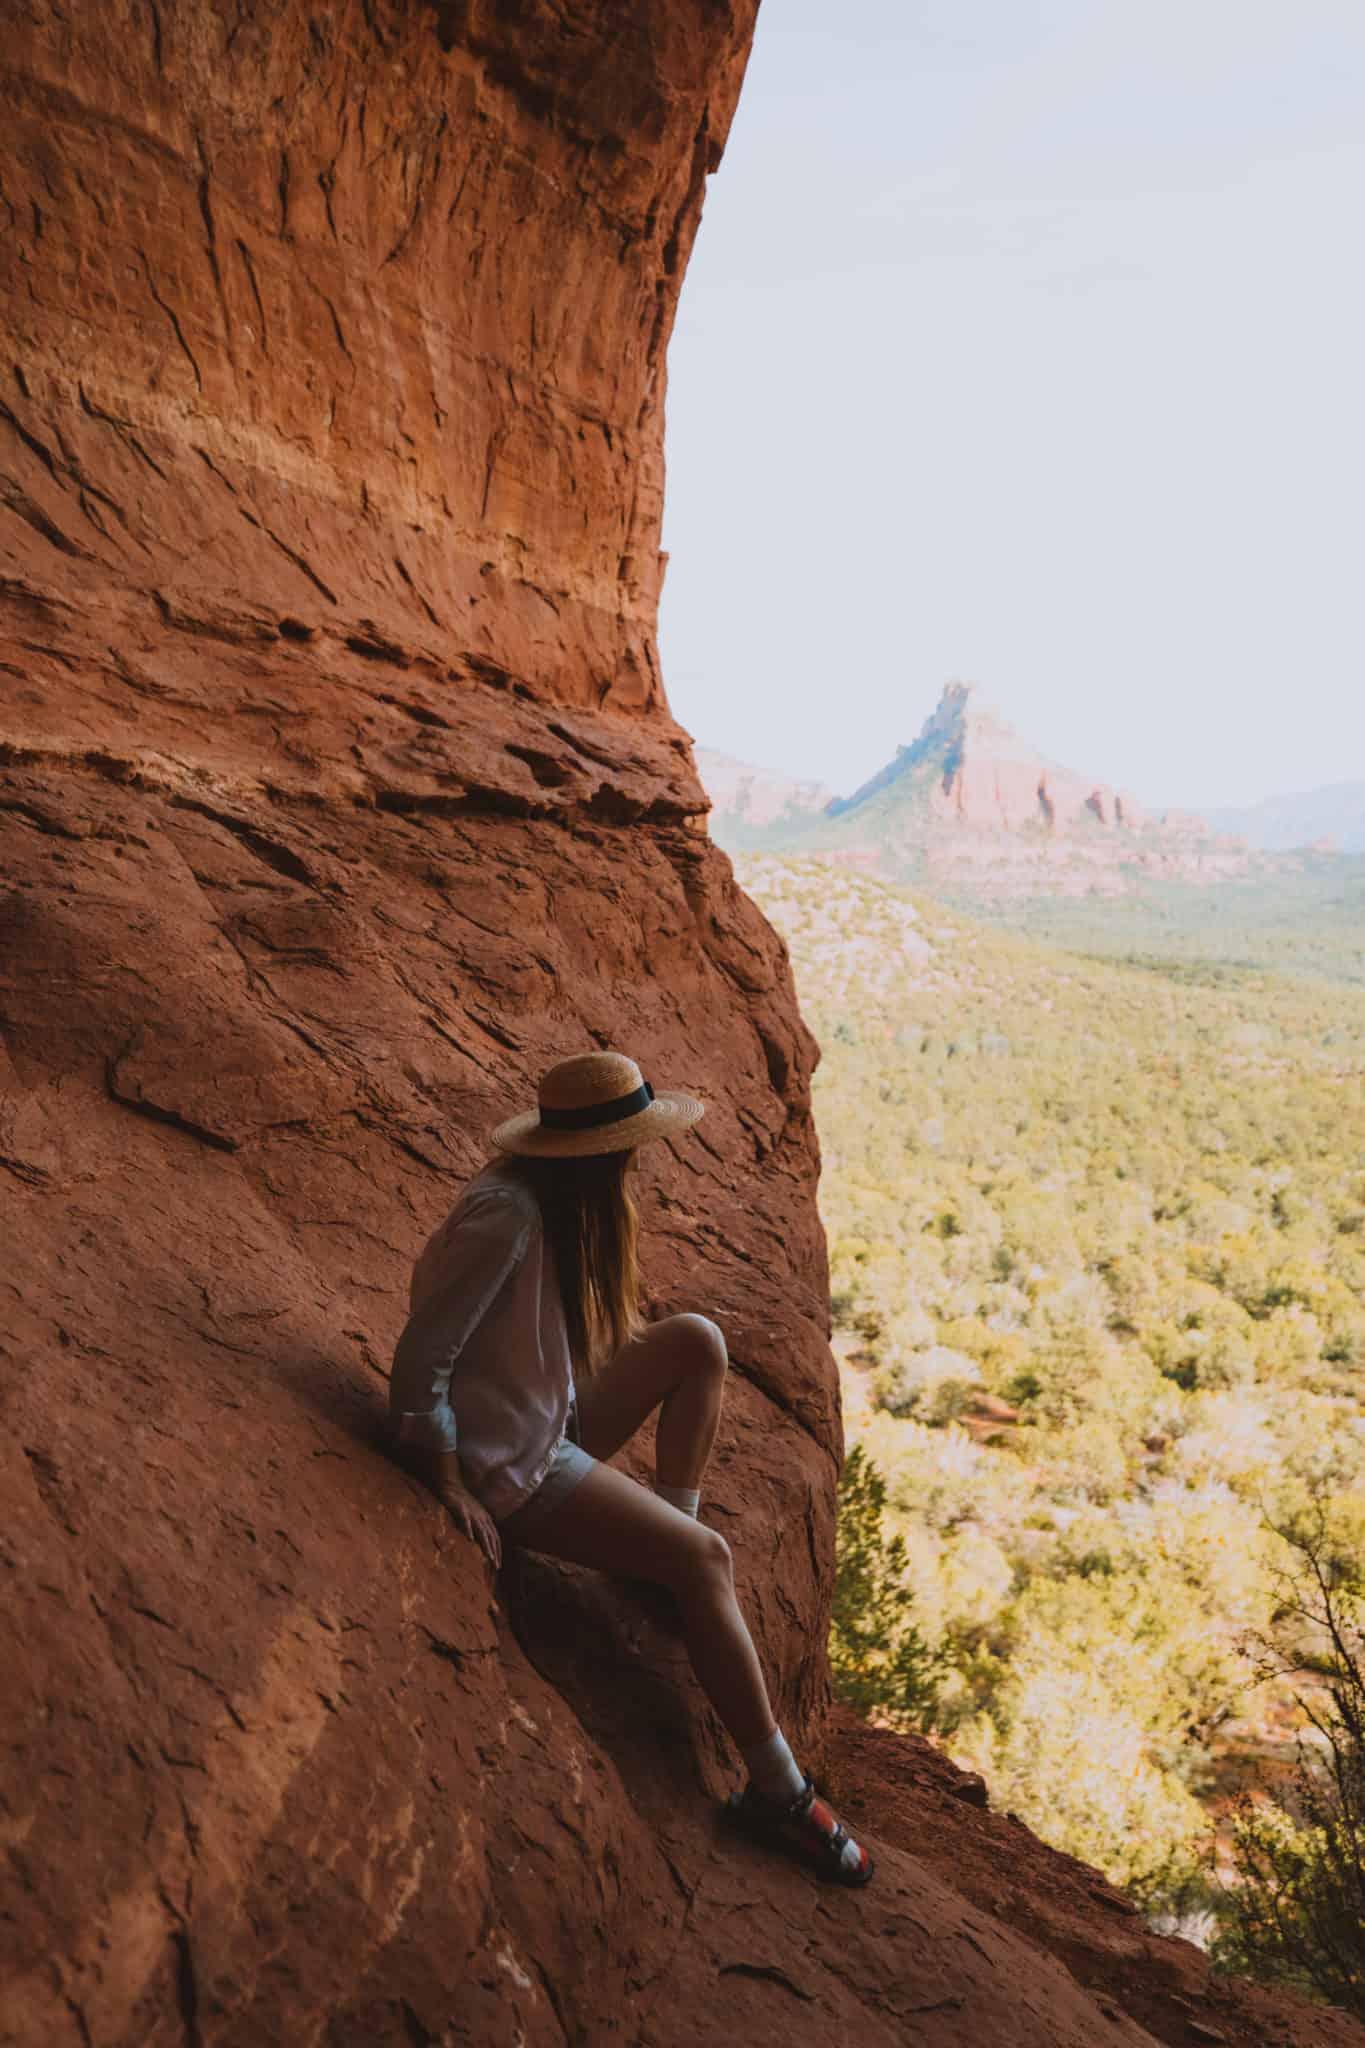 Emily Mandagie sitting in the birthing cave sedona